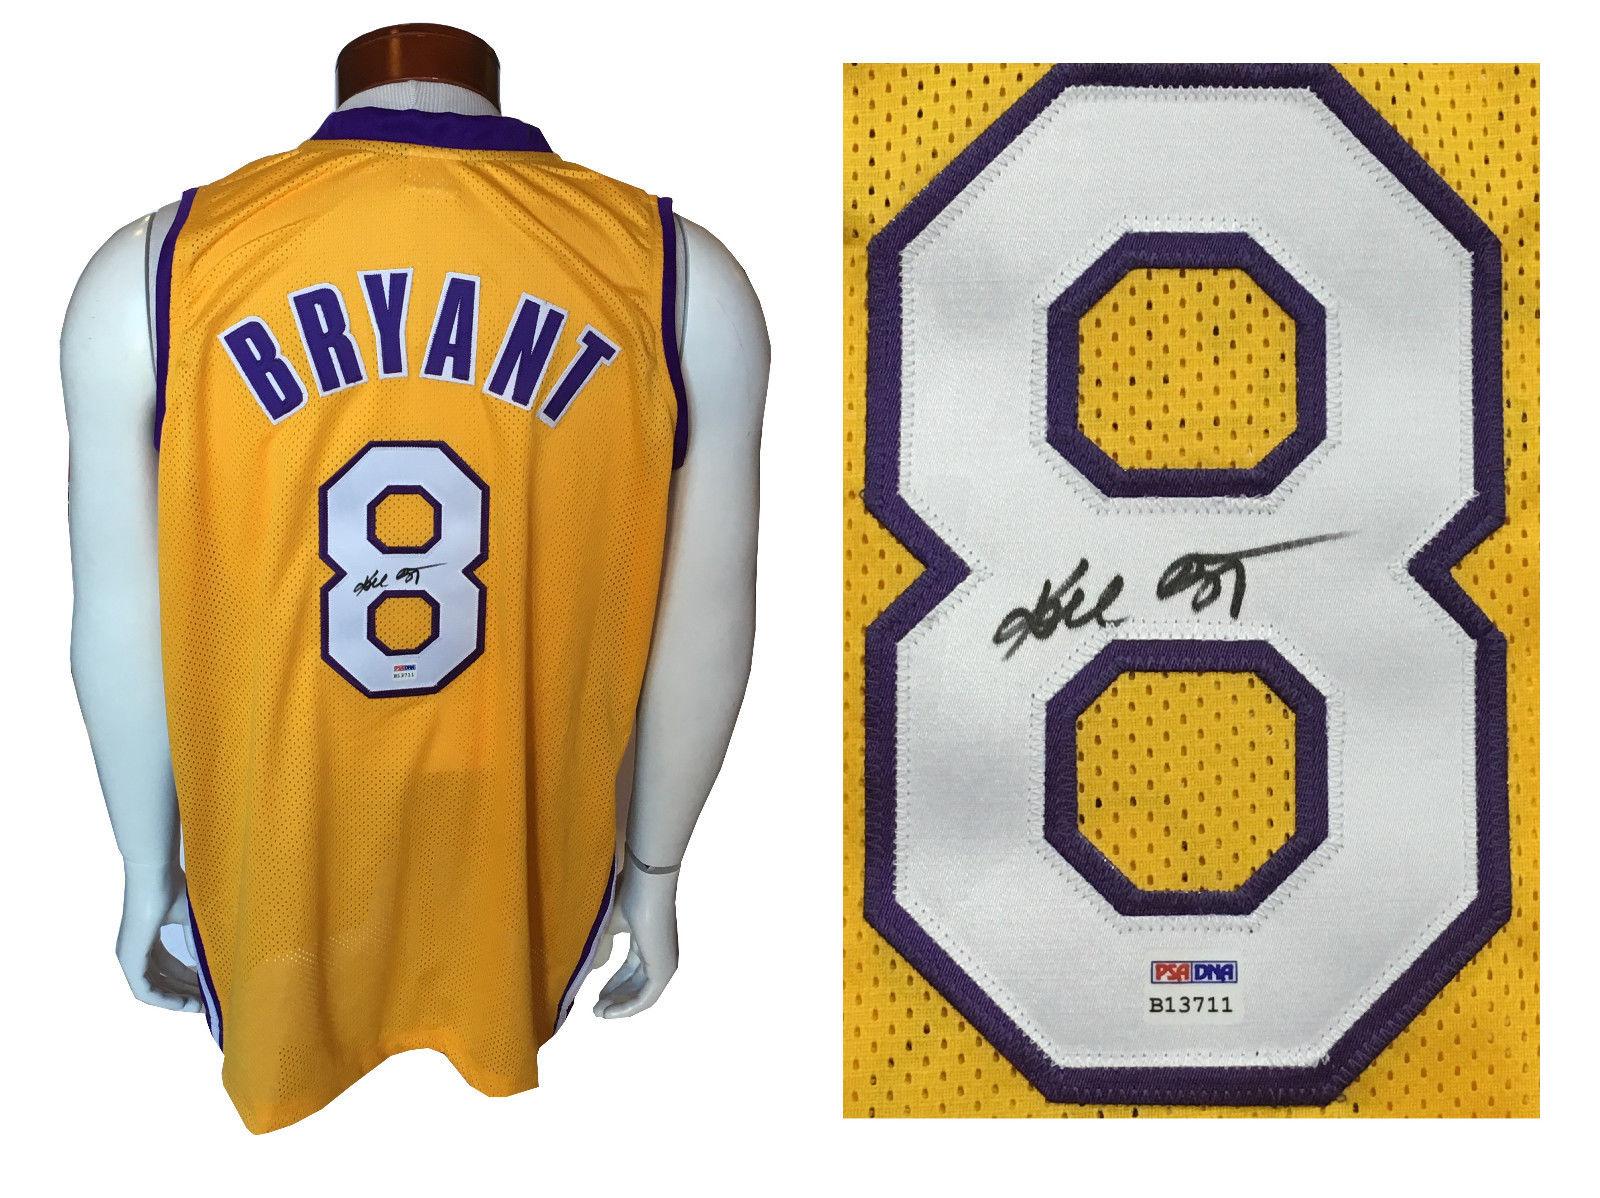 Kobe Bryant Signed yellow Lakers #8 rookie era Jersey BOLD Autograph PSA DNA COA